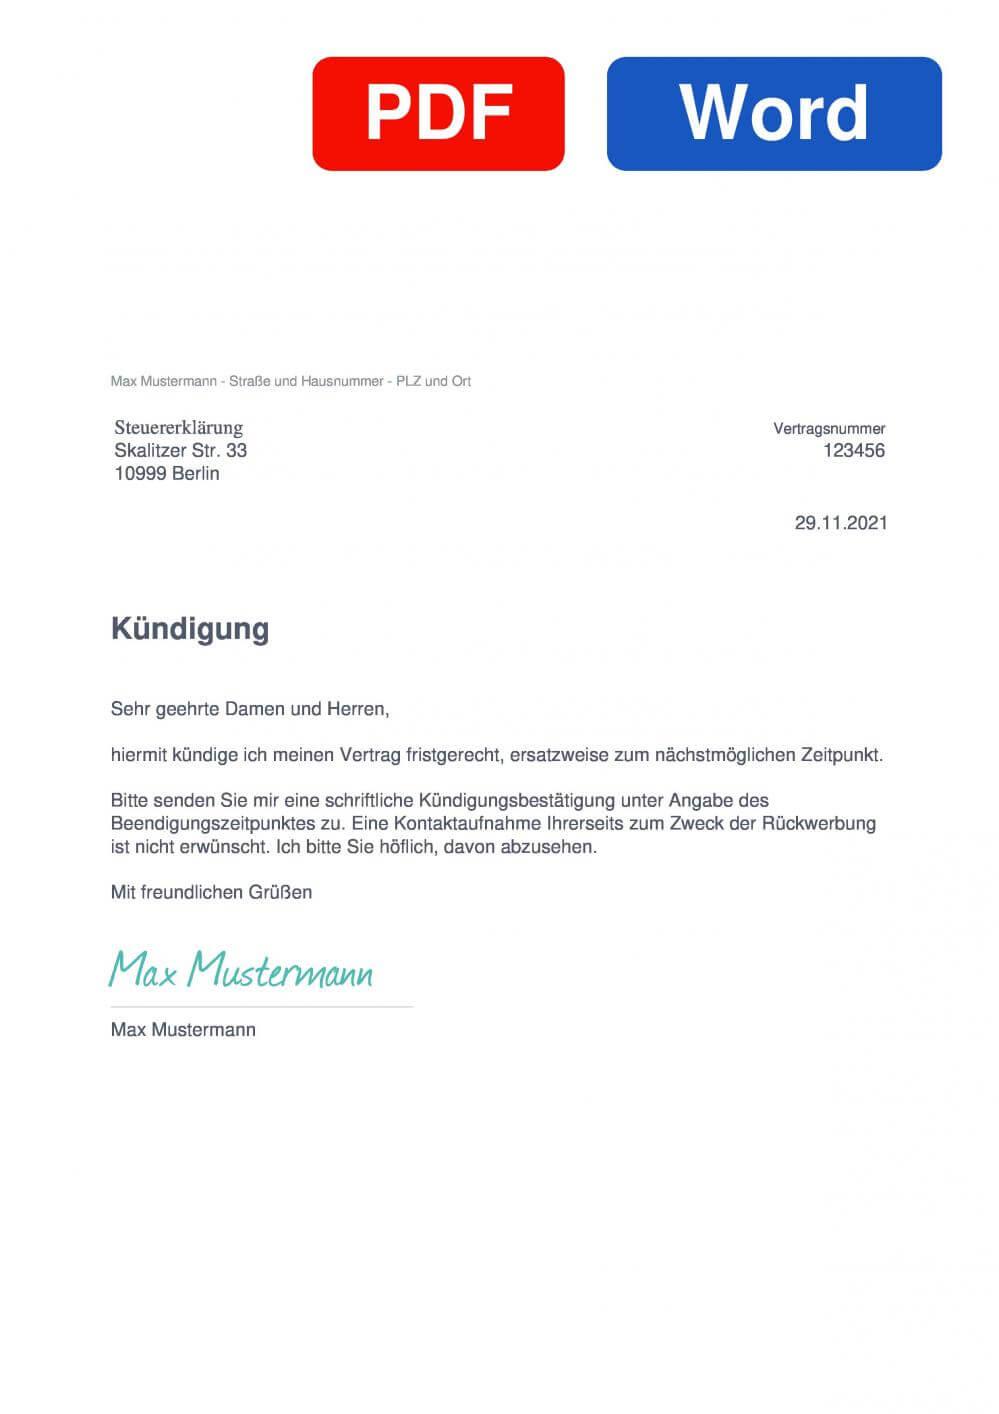 Steuererklärung Muster Vorlage für Kündigungsschreiben